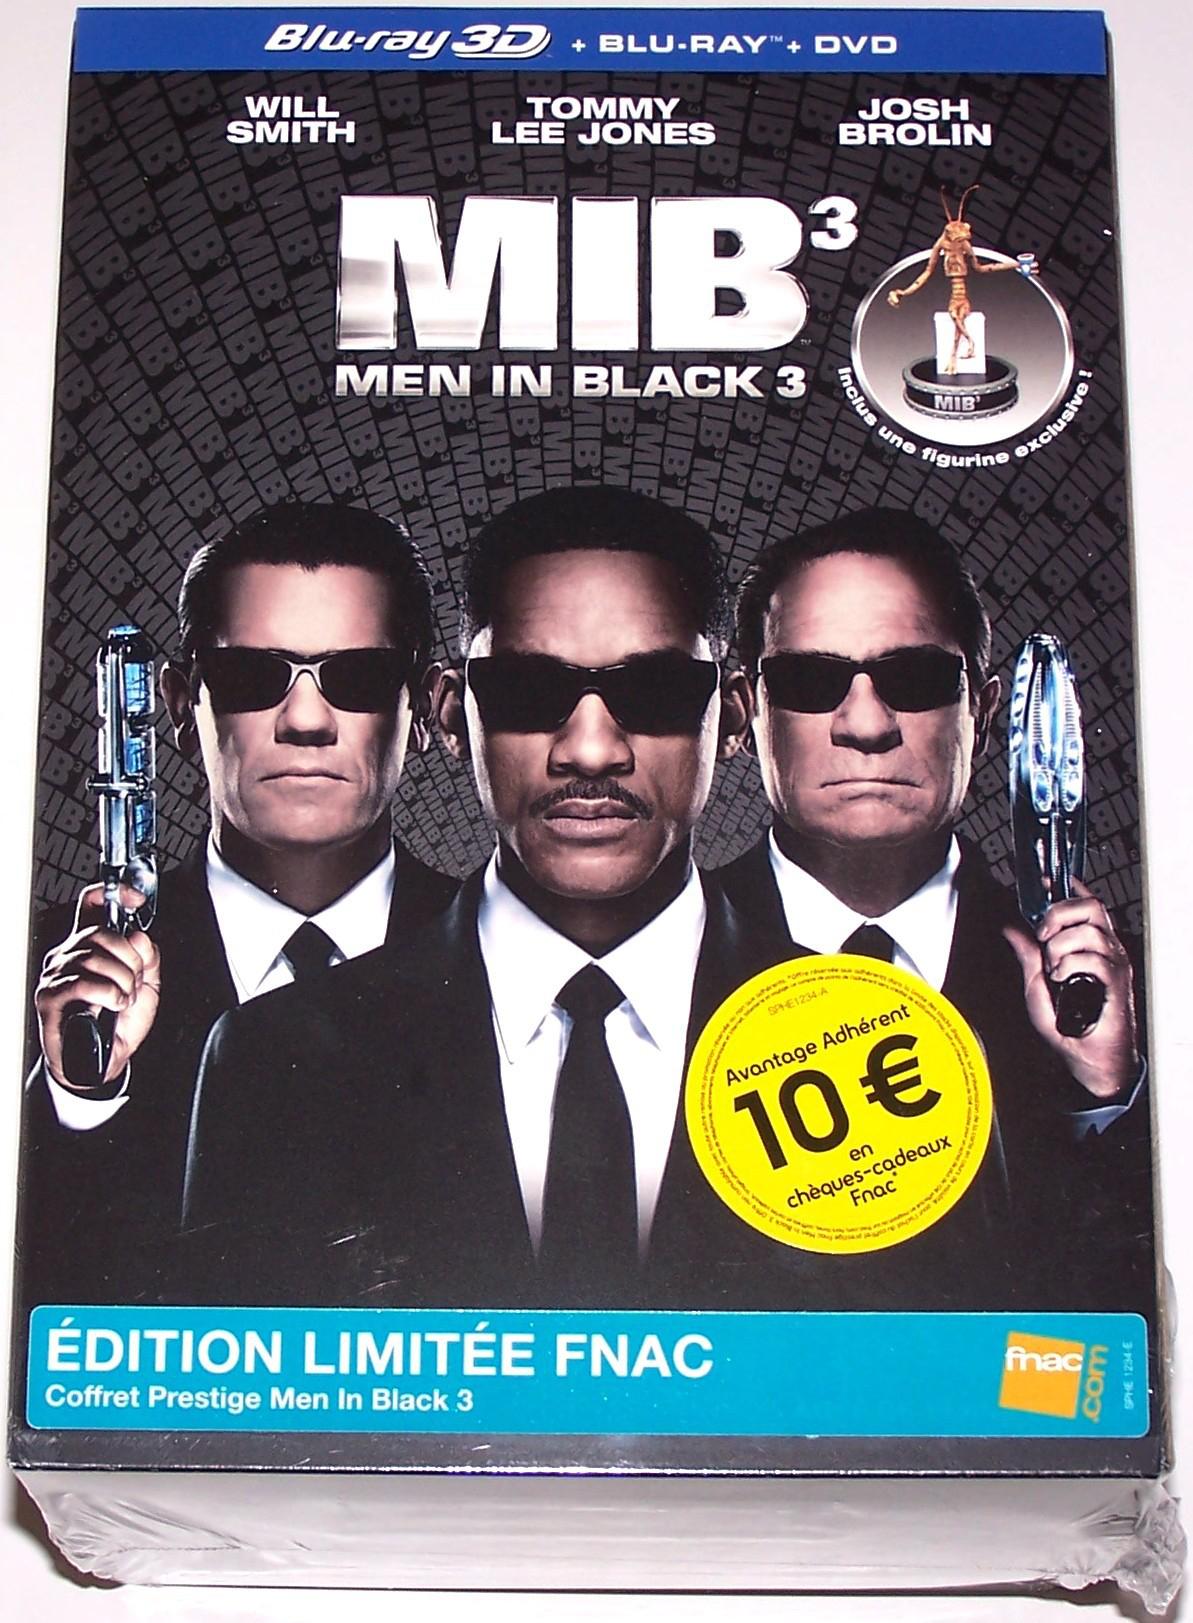 Men in Black 3 - Combo Blu-Ray 3D + DVD - Coffret Prestige Fnac avec figurine